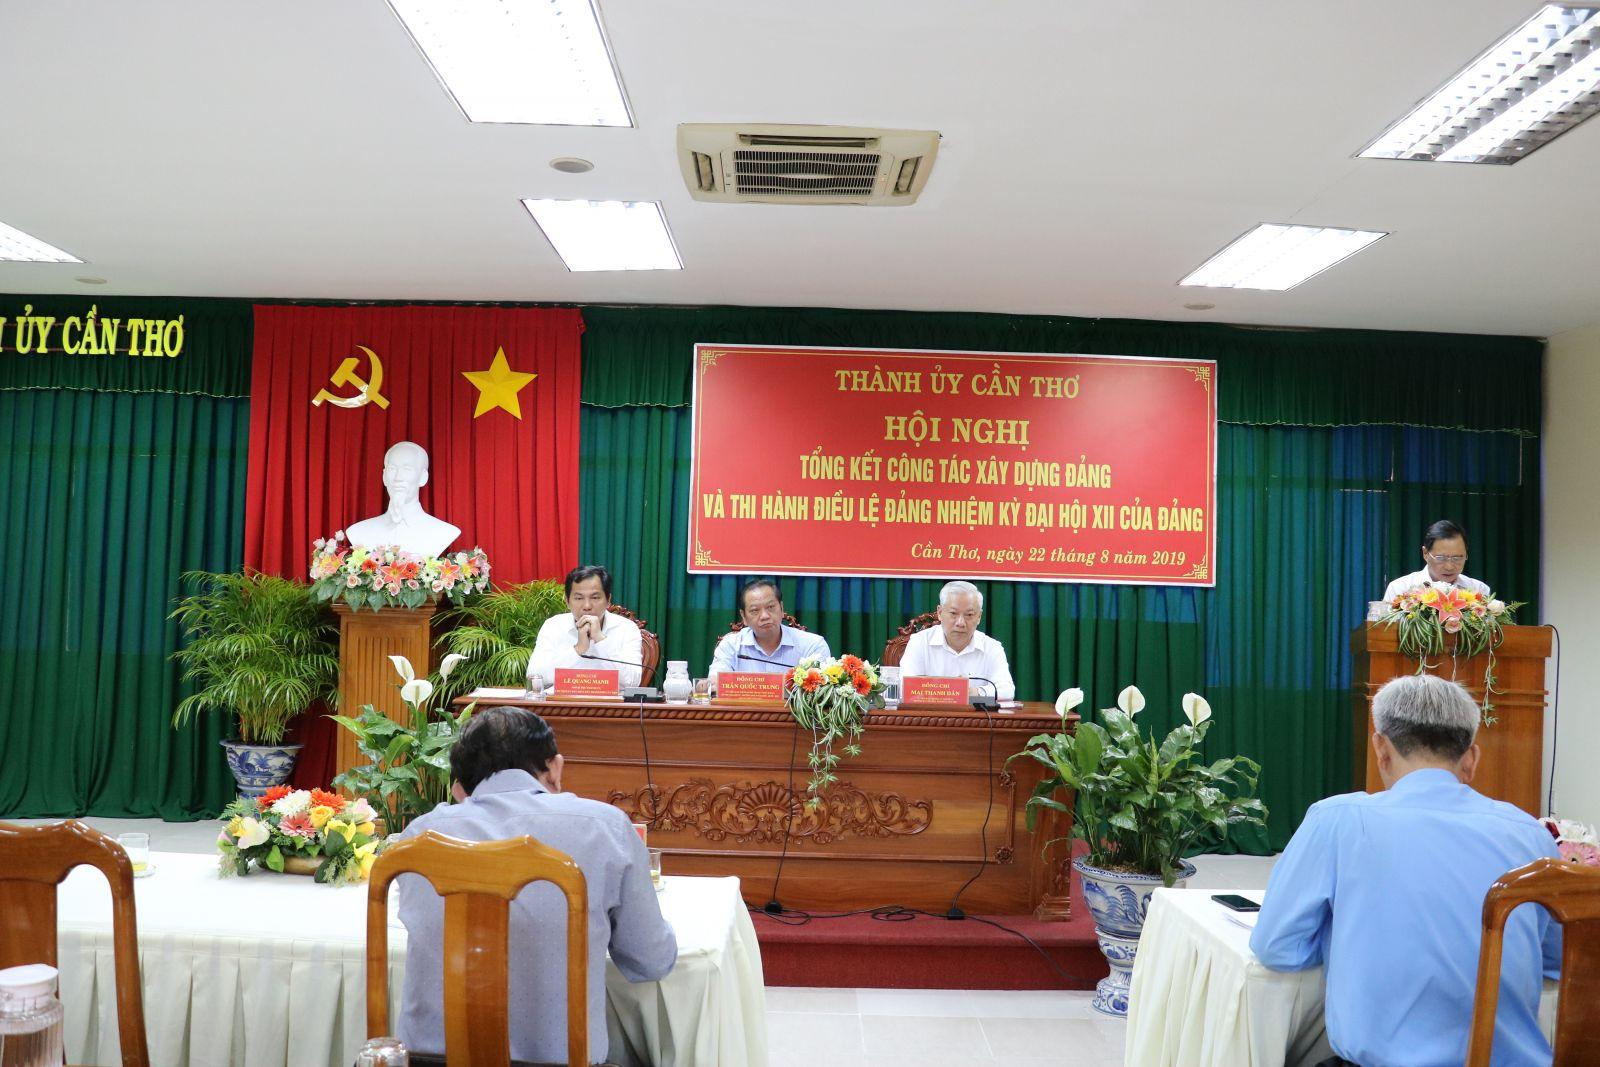 Các đại biểu lãnh đạo Thành ủy Cần Thơ chủ trì hội nghị. Ảnh: Q. THÁI